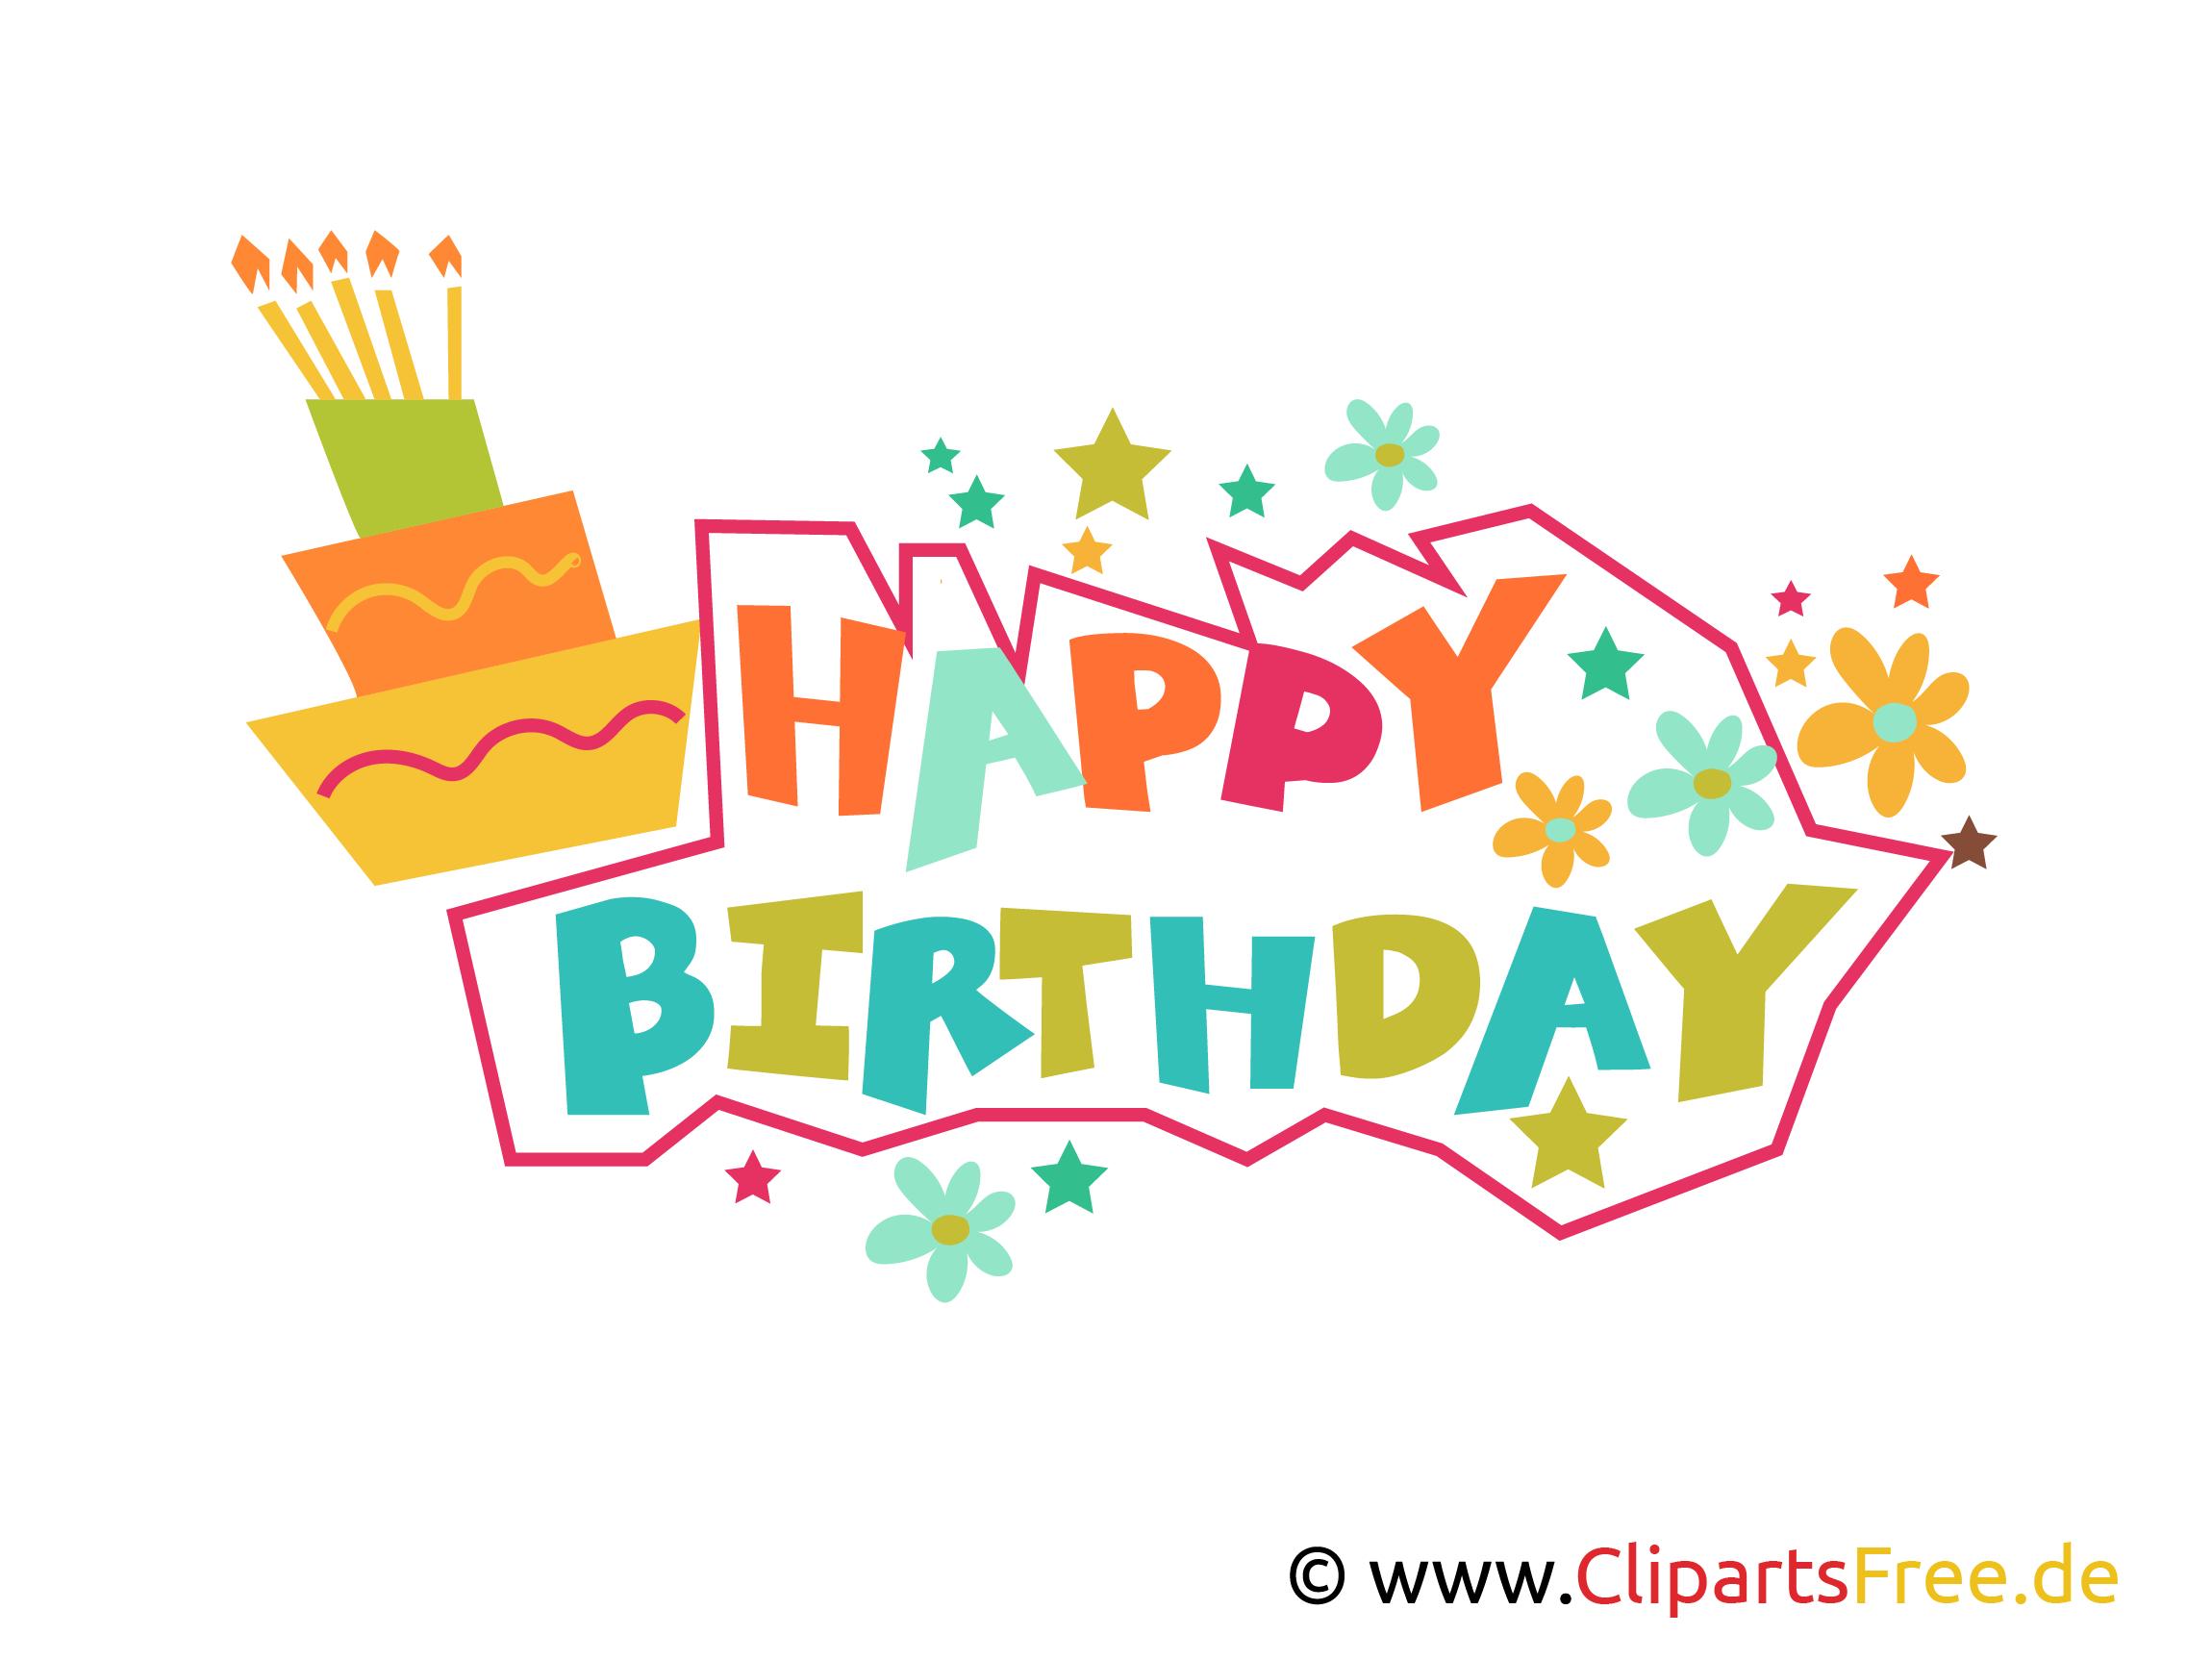 Happy Birthday Buchstaben Kostenlos Zum Drucken ganzes Fotos Kostenlos Drucken